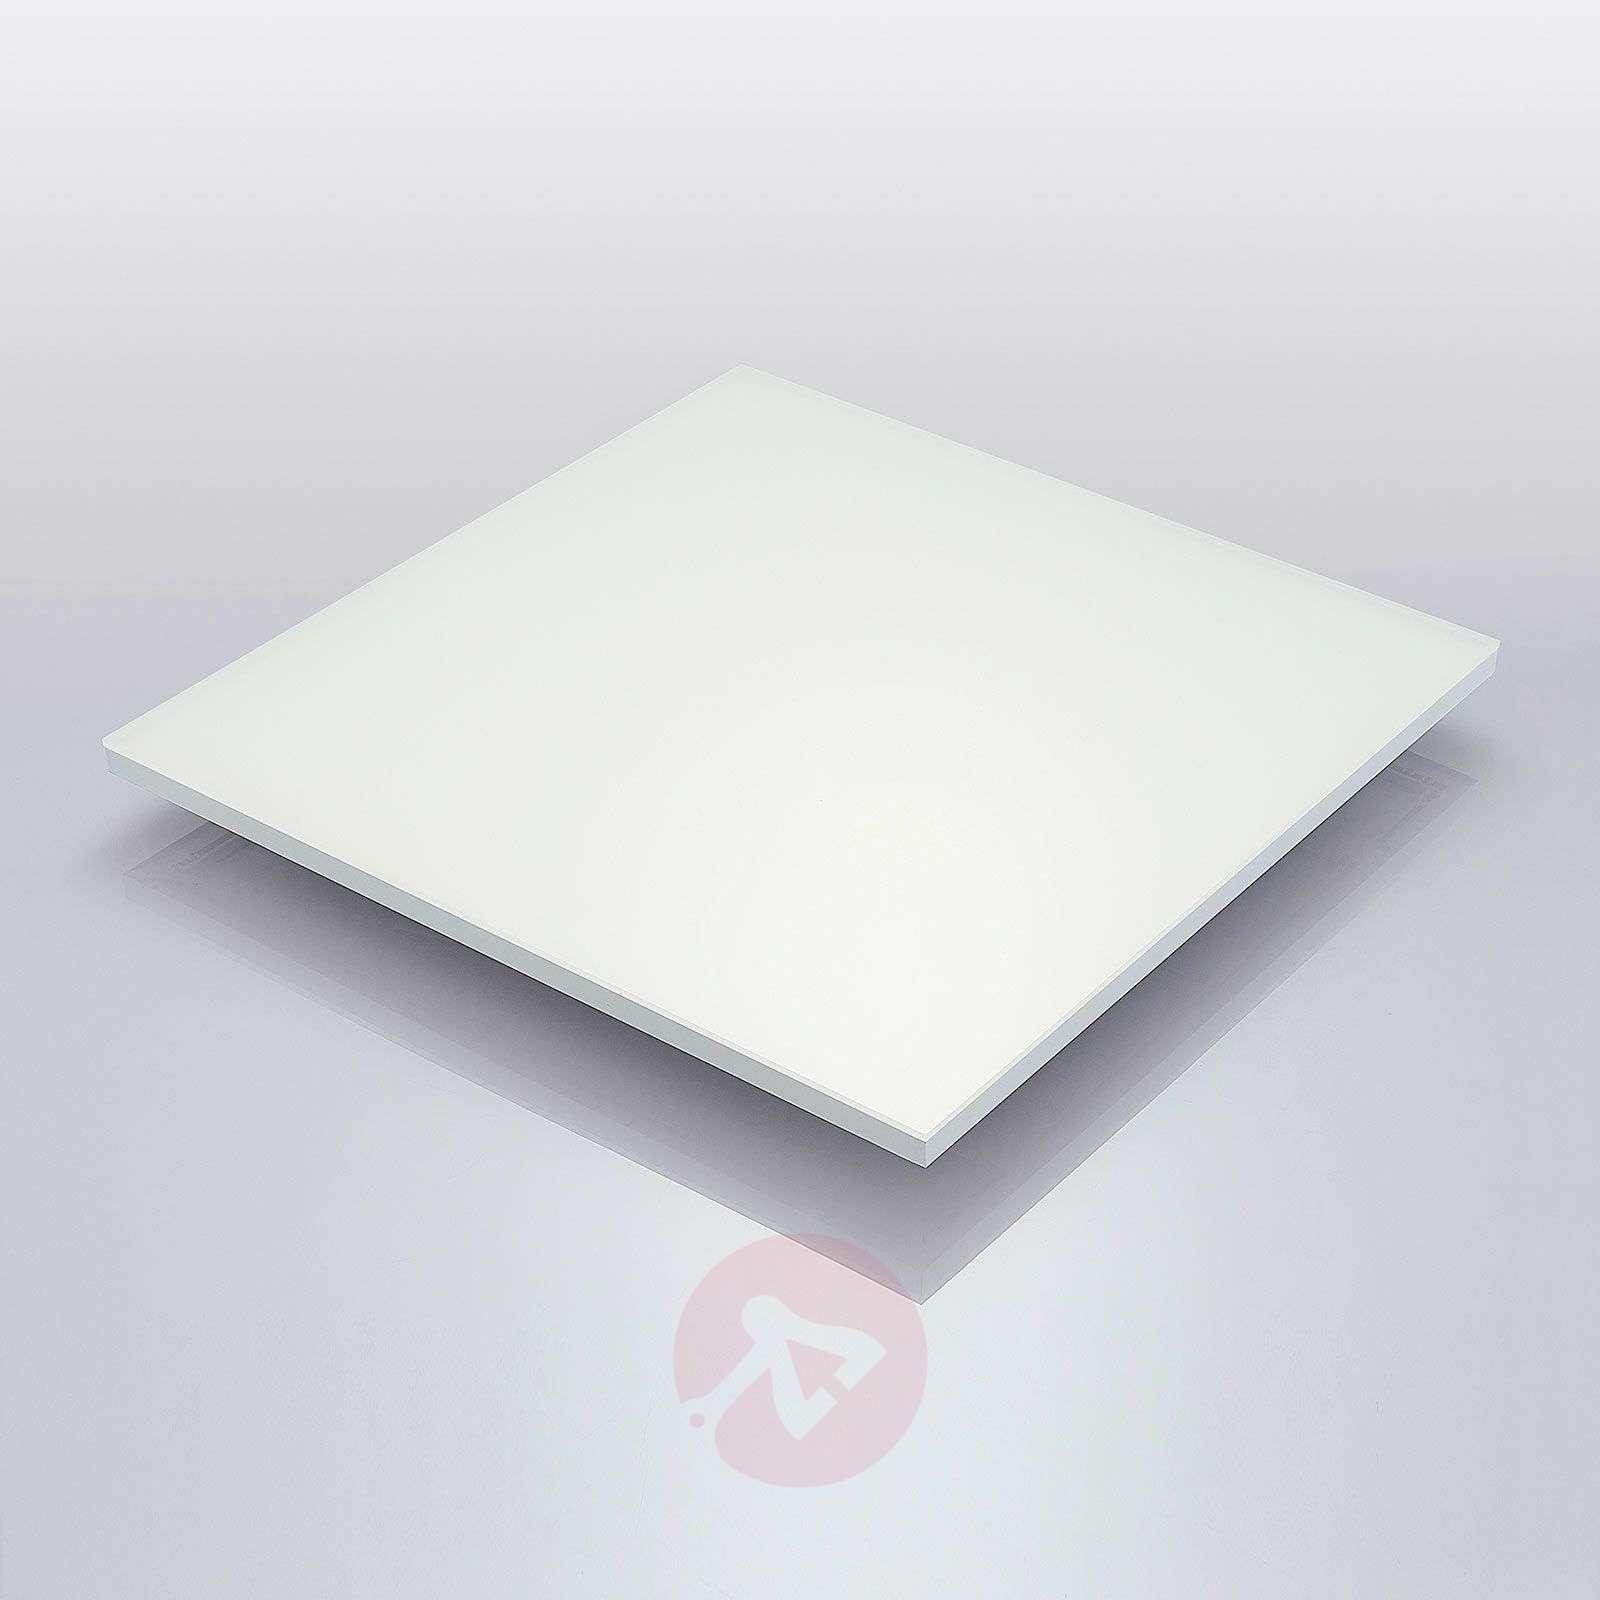 LED-paneeli Blaan CCT, kaukosäädin 59,5x59,5cm-9624330-01